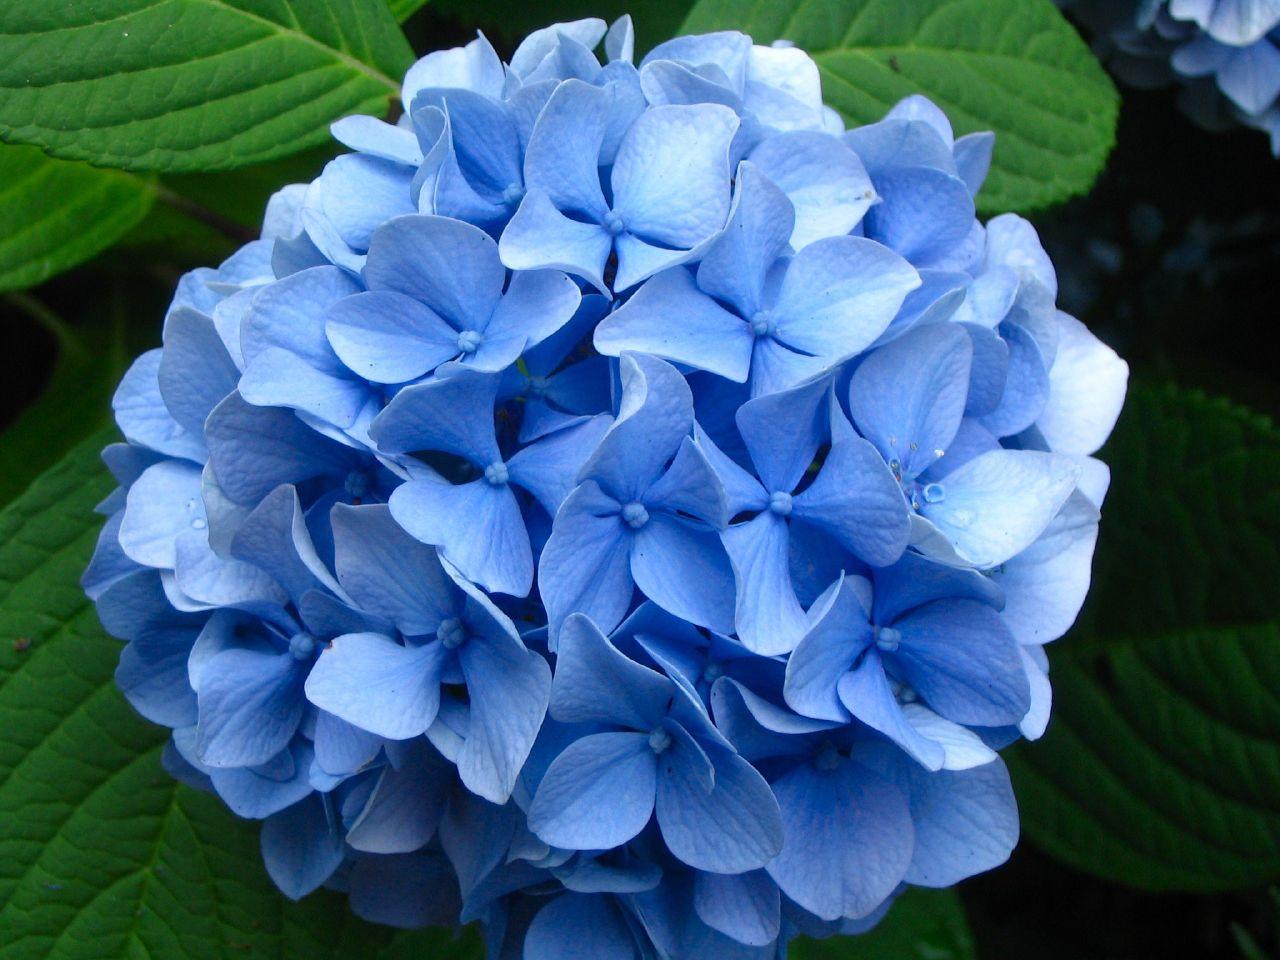 Dr. Dan's Garden Tips: The Range of Hydrangea  Blue